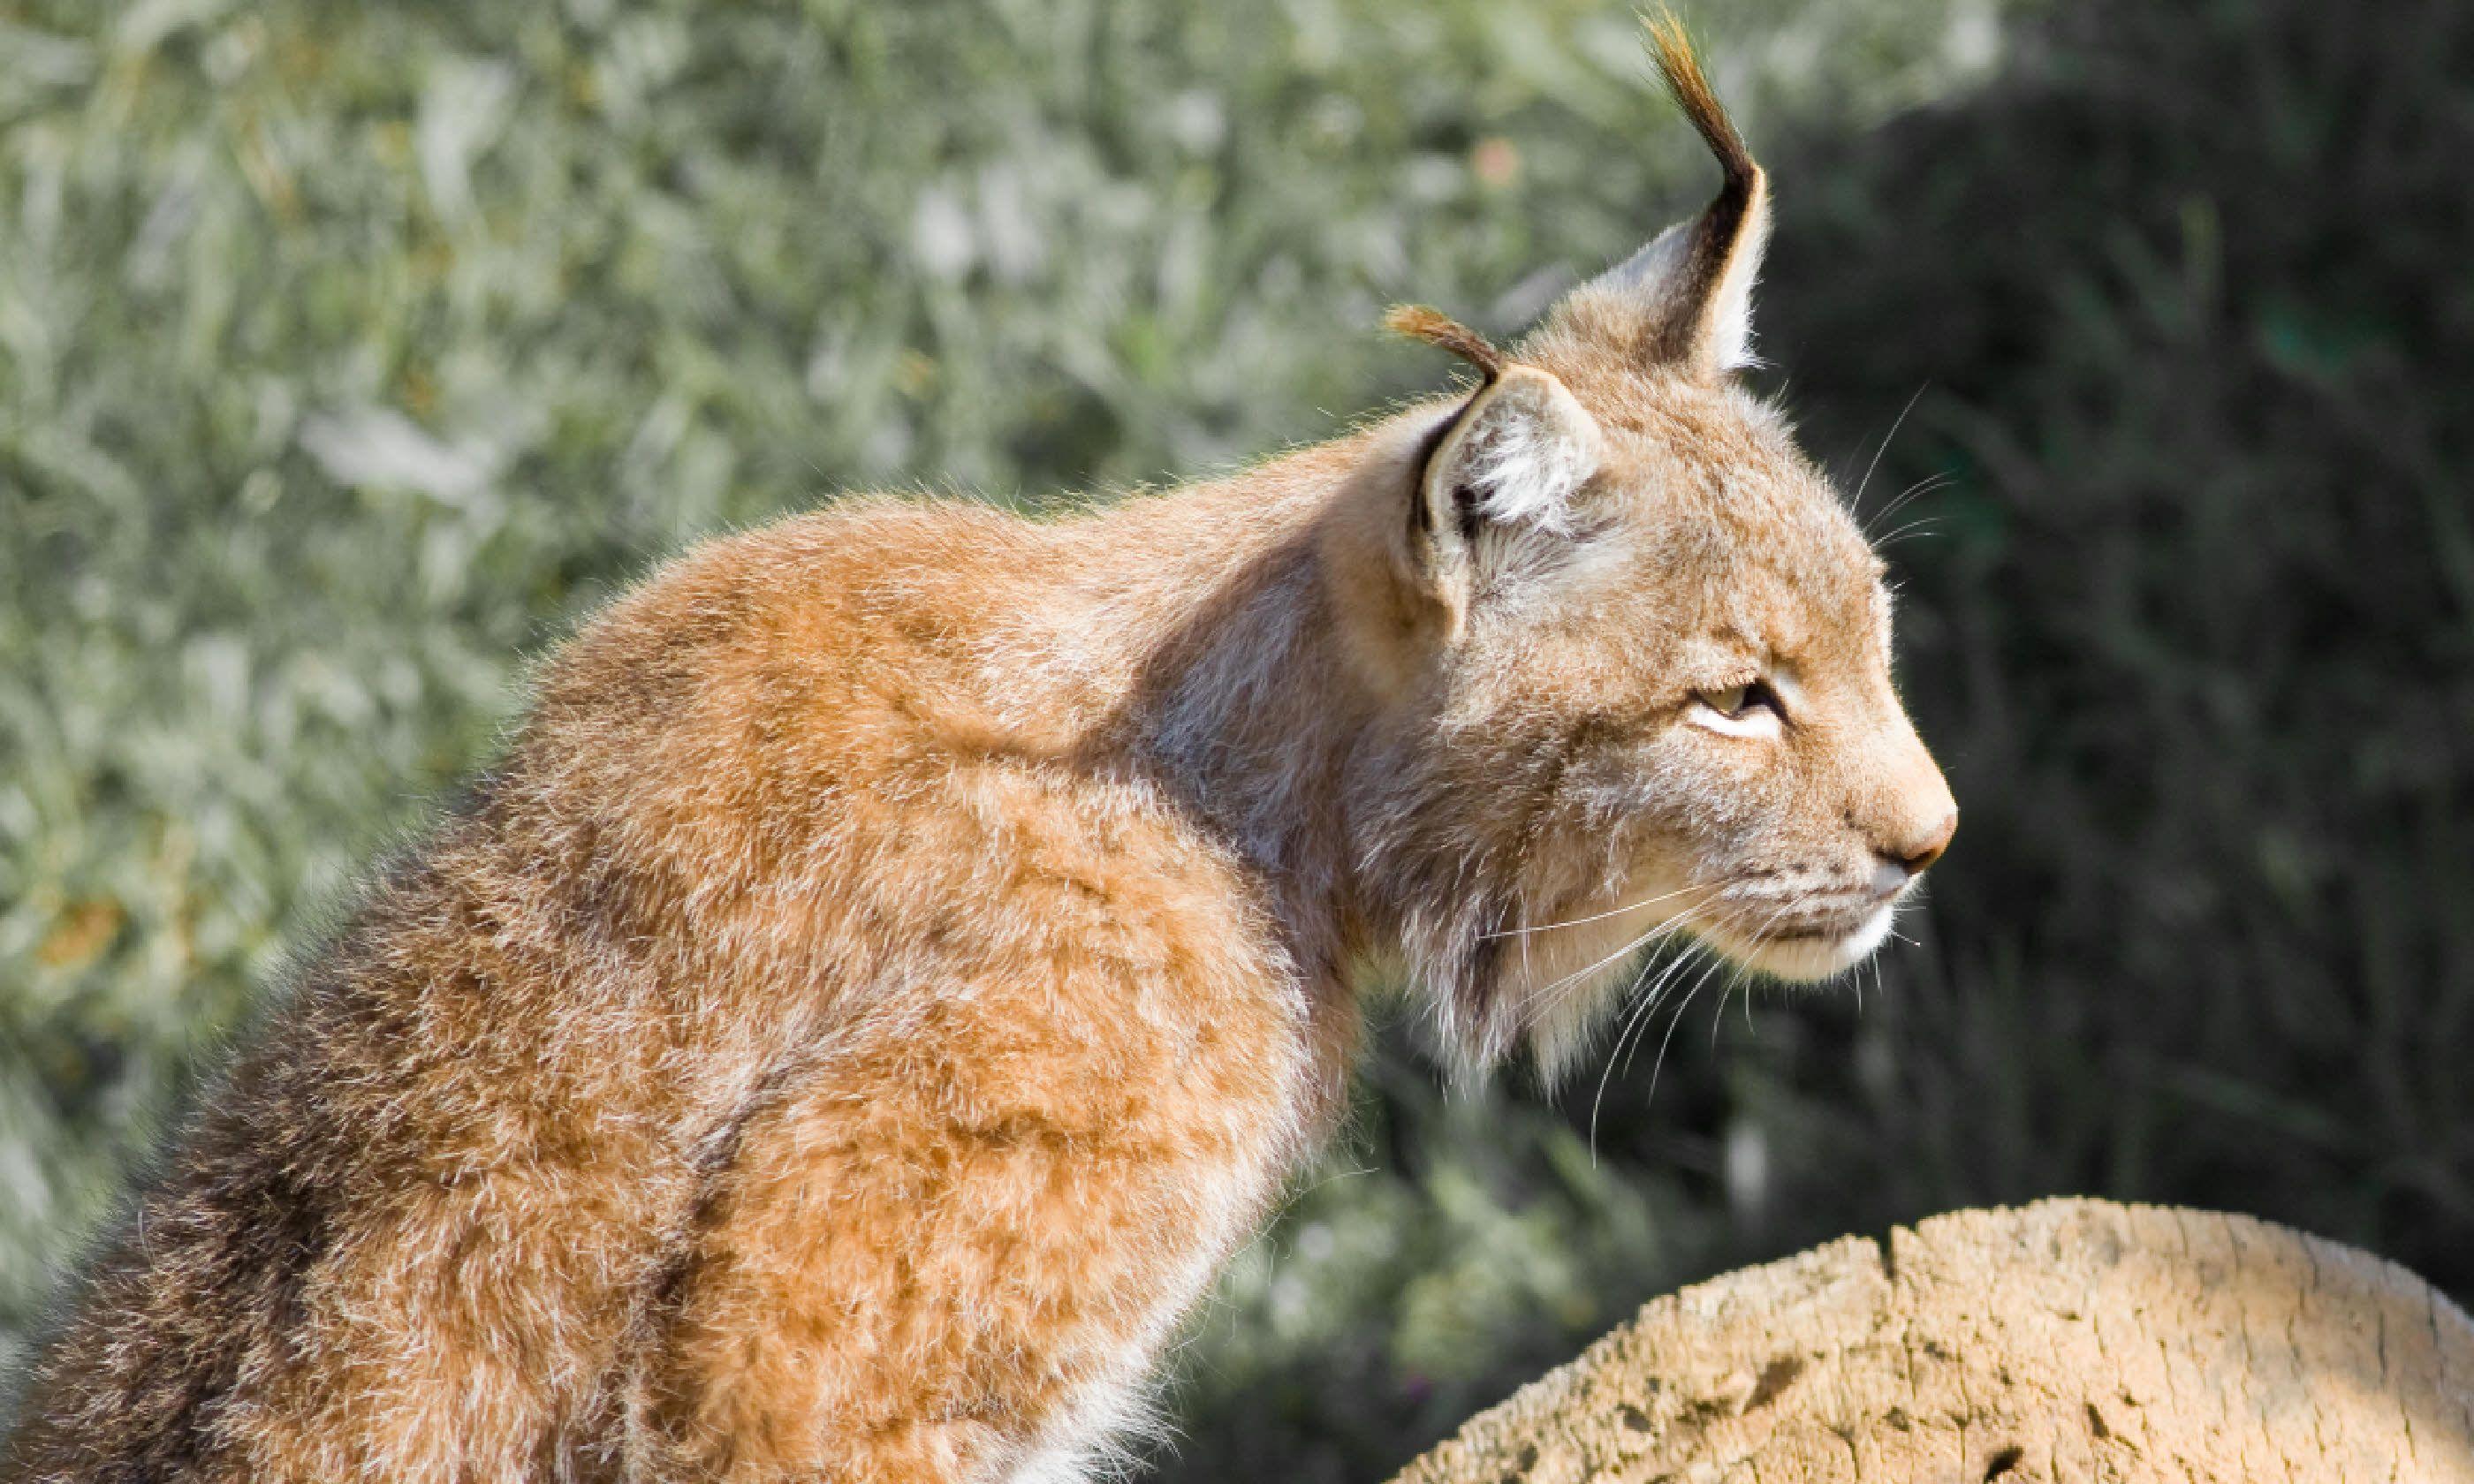 Lynx in Spain (Shutterstock)